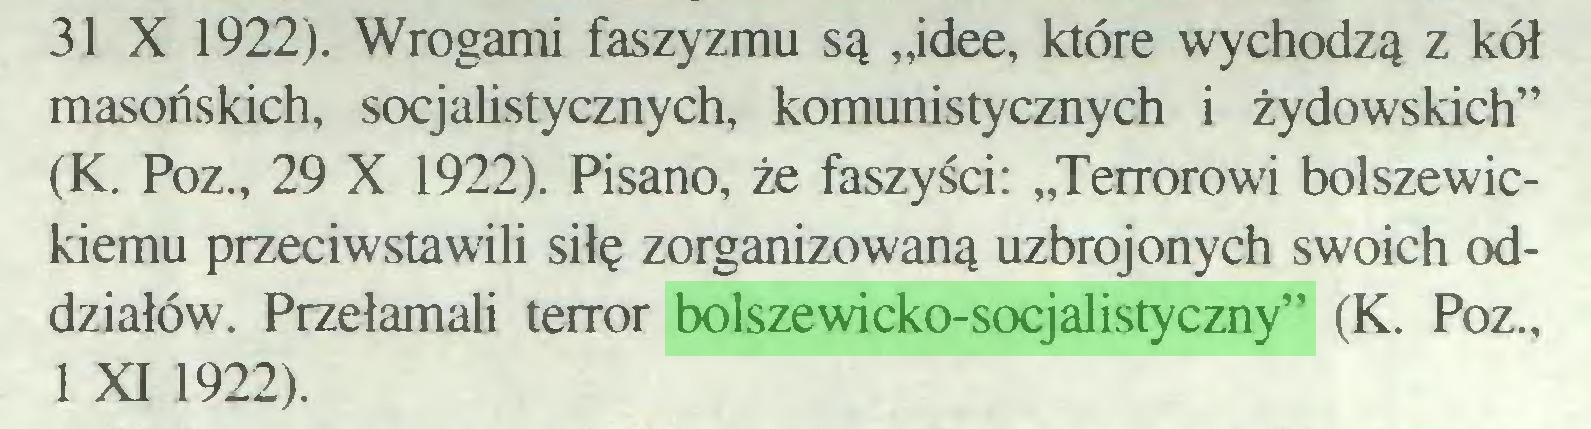 """(...) 31 X 1922). Wrogami faszyzmu są """"idee, które wychodzą z kół masońskich, socjalistycznych, komunistycznych i żydowskich"""" (K. Poz., 29 X 1922). Pisano, że faszyści: """"Terrorowi bolszewickiemu przeciwstawili siłę zorganizowaną uzbrojonych swoich oddziałów. Przełamali terror bolszewicko-socjalistyczny"""" (K. Poz., 1 XI 1922)..."""